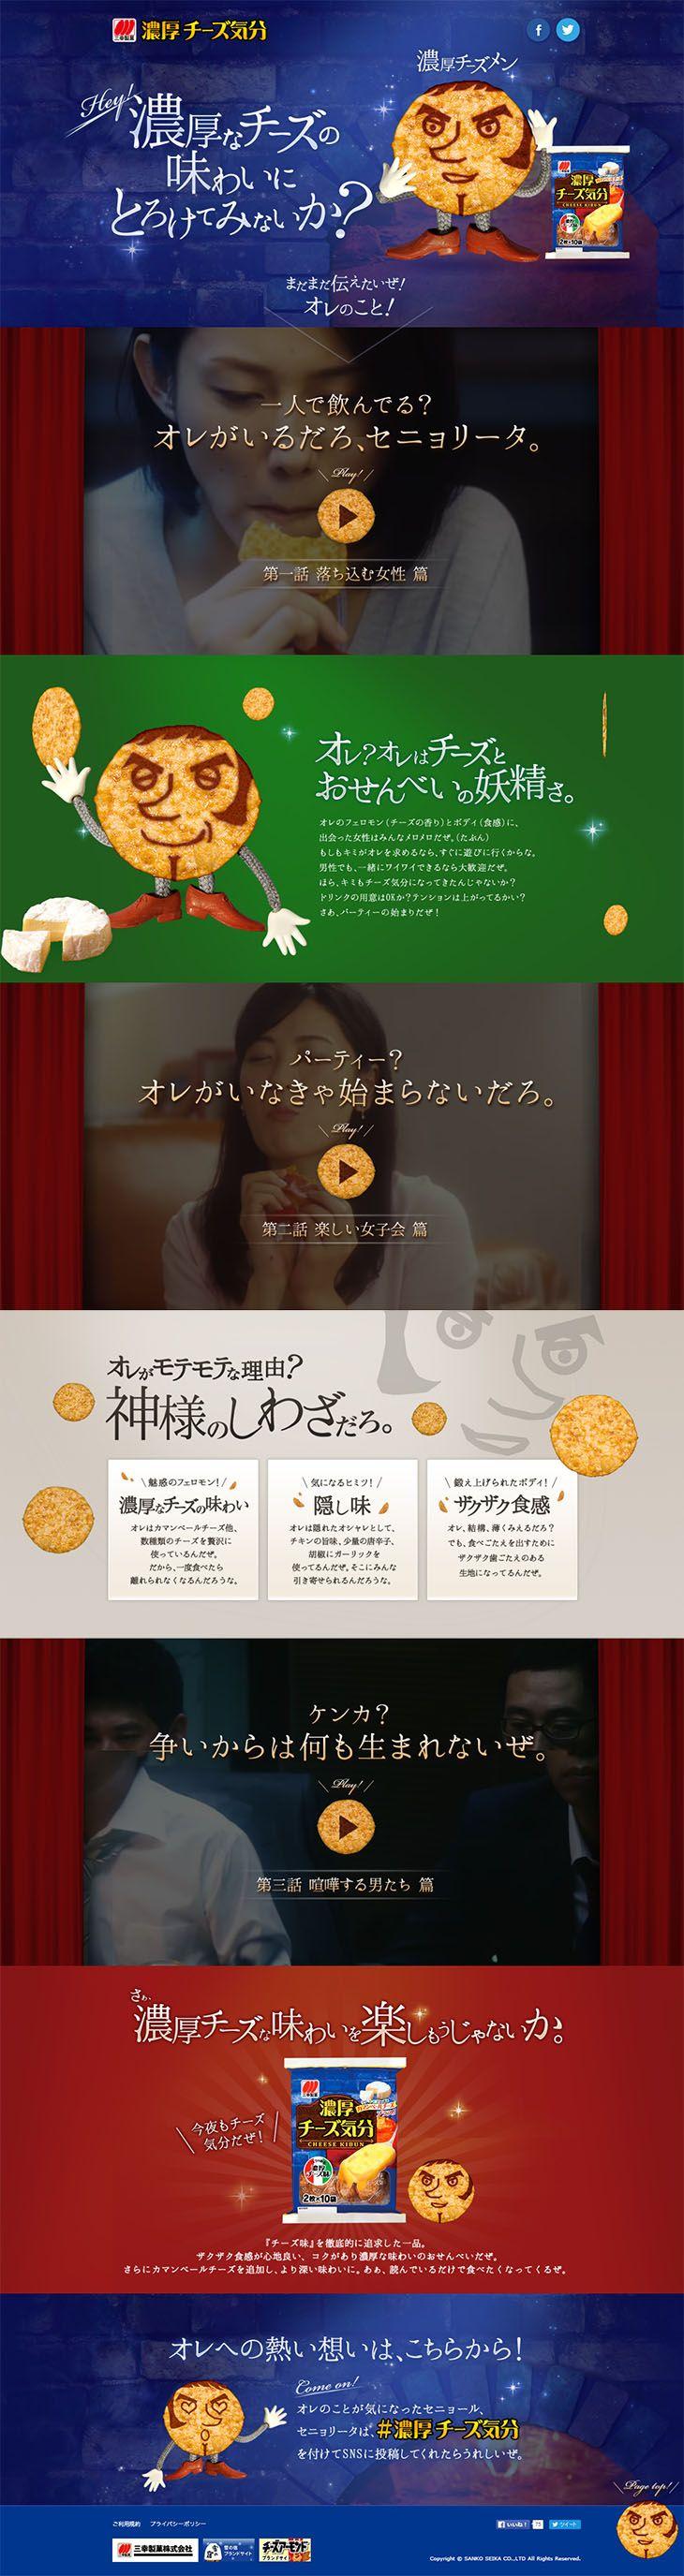 濃厚チーズ気分【食品関連】のLPデザイン。WEBデザイナーさん必見!ランディングページのデザイン参考に(にぎやか系)